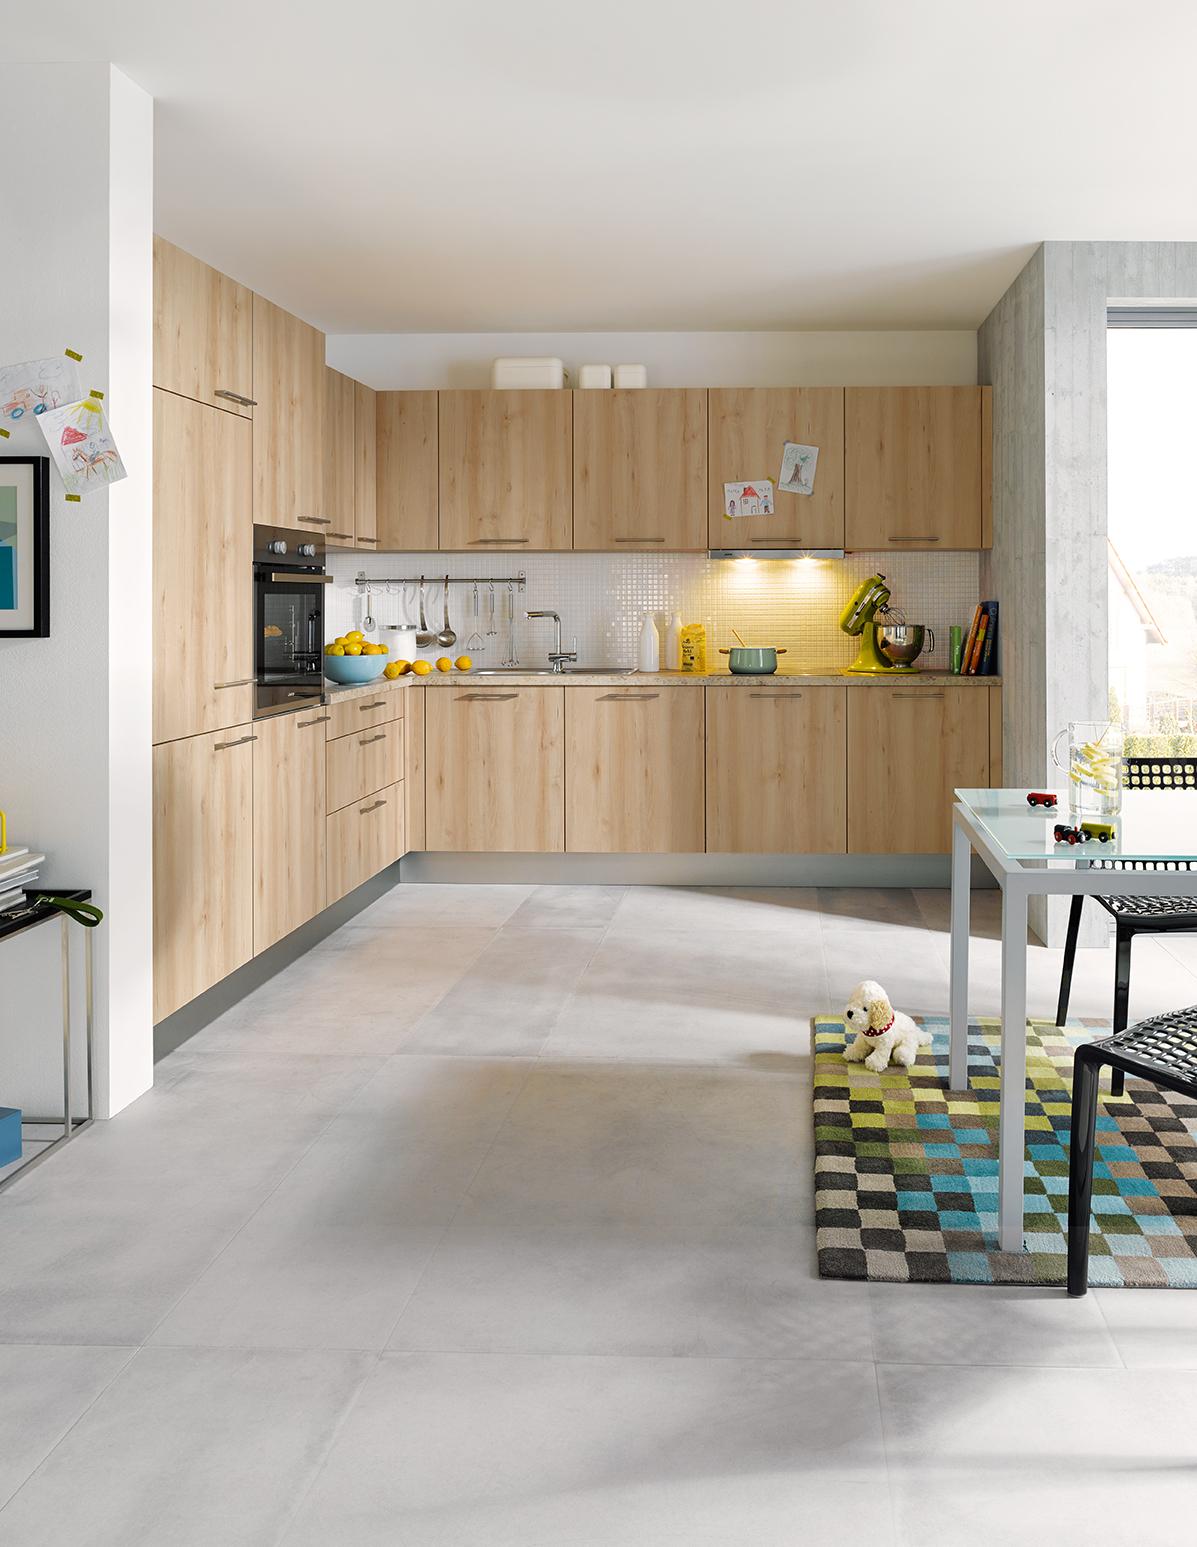 Holzküchen: So wird Ihre Küche zum Wohlfühlort